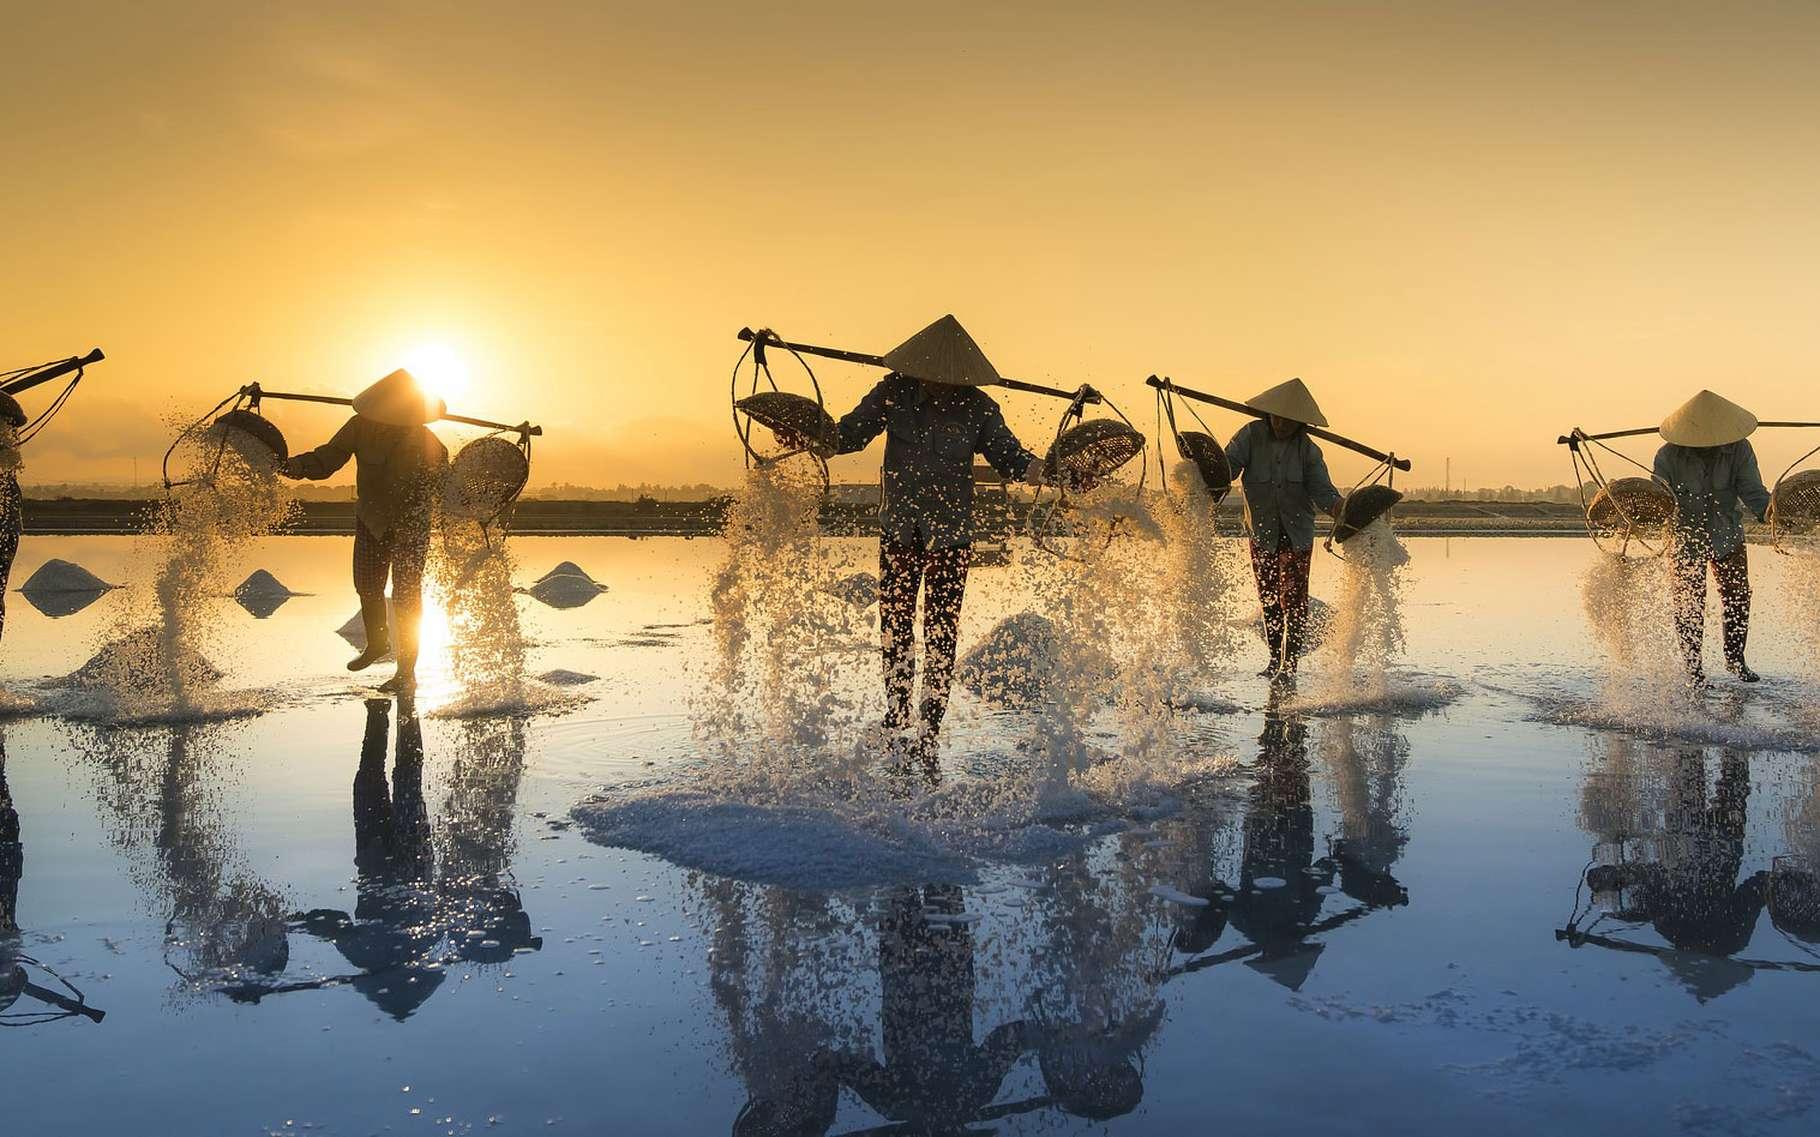 Au Vietnam, on produit du sel sur les côtes du pays, du nord au sud selon des techniques différentes. La période de la récolte du sel s'étale traditionnellement sur les mois les plus chauds de l'année, de janvier à juin. Le travail des ouvriers dans les marais salants est éprouvant. Et le cours du sel étant variable, la vie de ces saliniers est des plus instables. D'autant que la saliculture semble aujourd'hui de plus en plus menacée par le réchauffement climatique qui, apportant des pluies de plus en plus violentes, compromet régulièrement la production. © Quangpraha, Pixabay